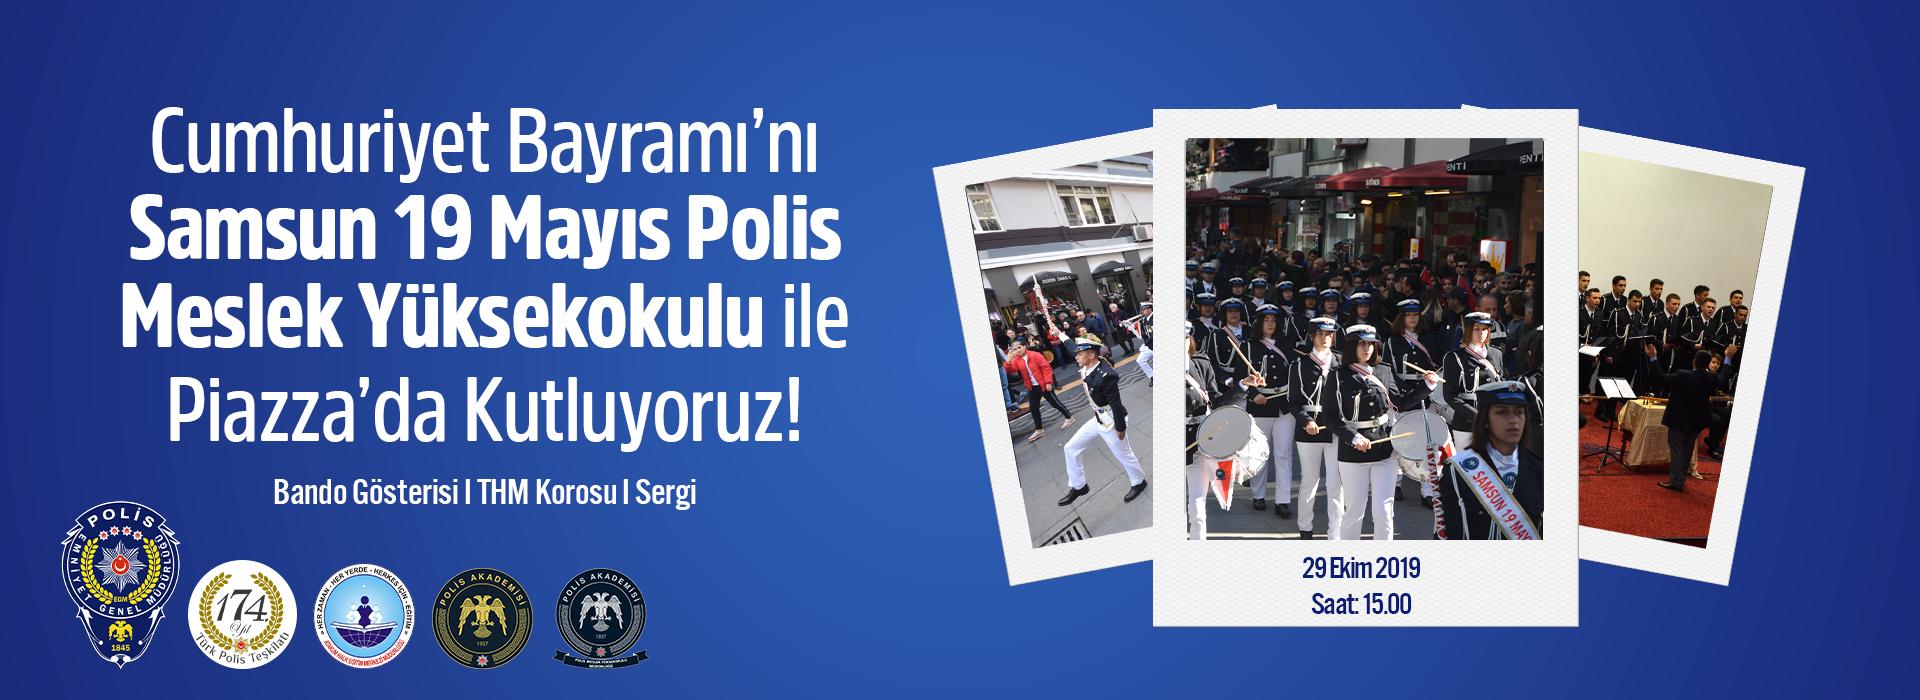 Cumhuriyet Bayramı'nı Samsun 19 Mayıs Polis Meslek Yüksekokulu İle Piazza'da Kutluyoruz